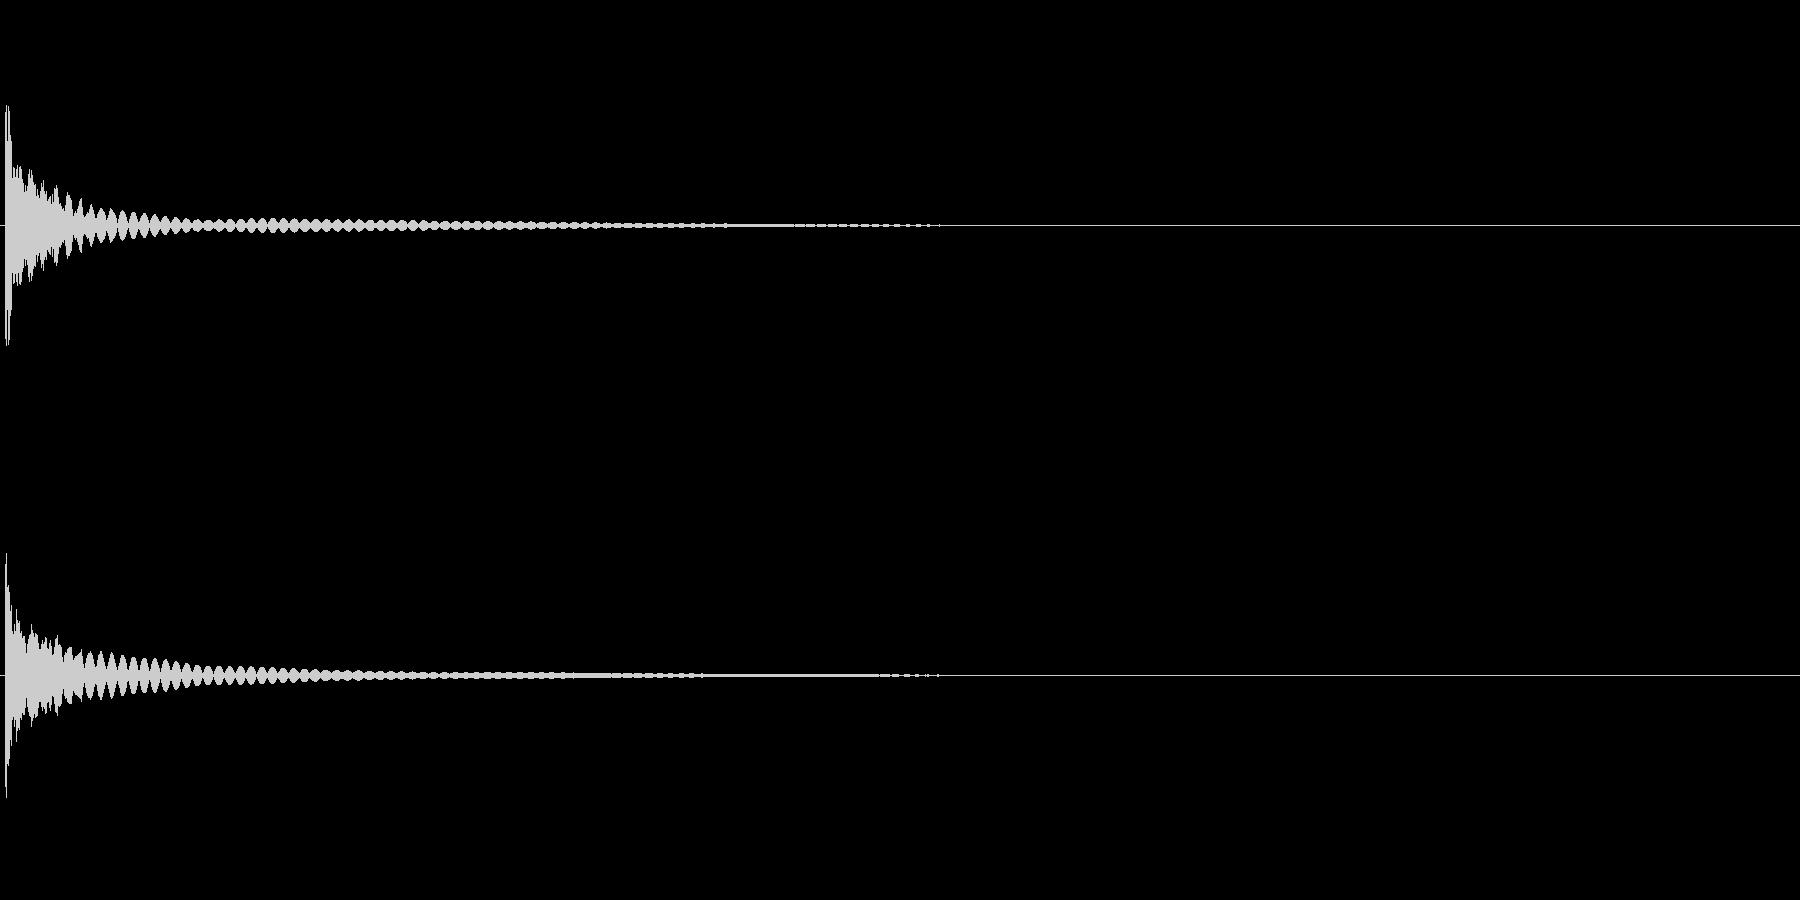 キーン(金属製のベルの音)の未再生の波形